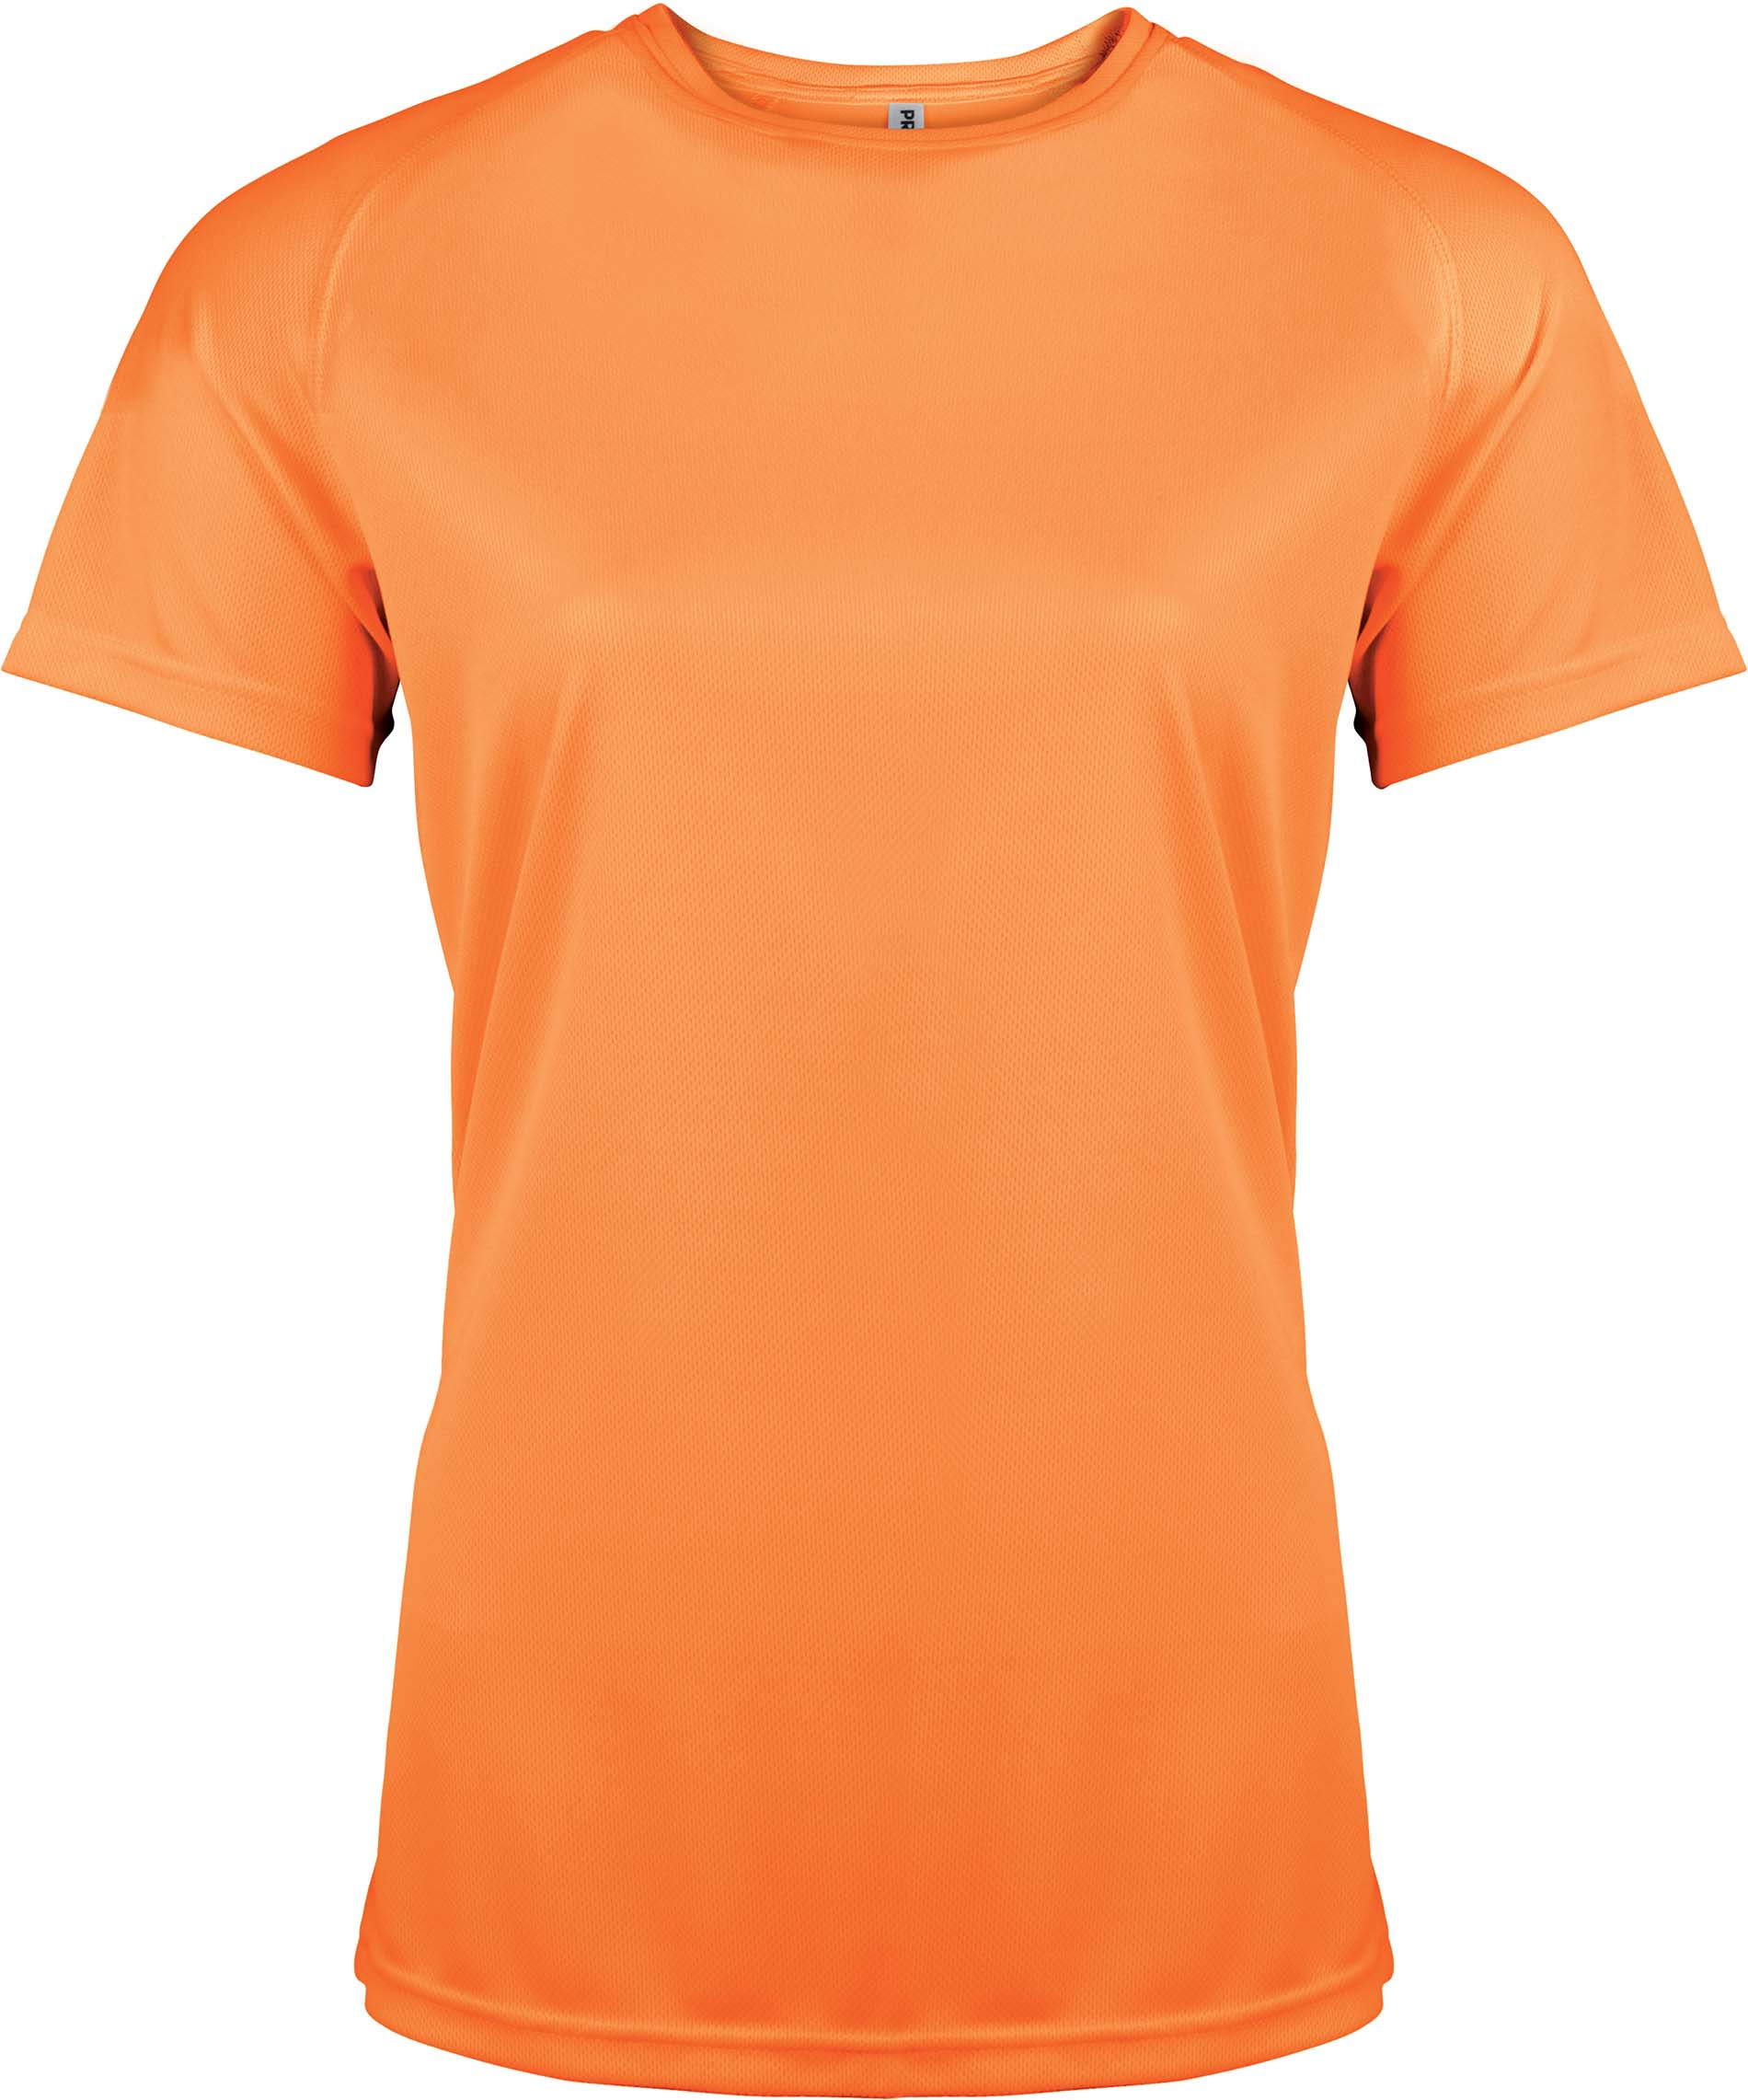 Naisten tekninen T-paita PA439 Oranssi